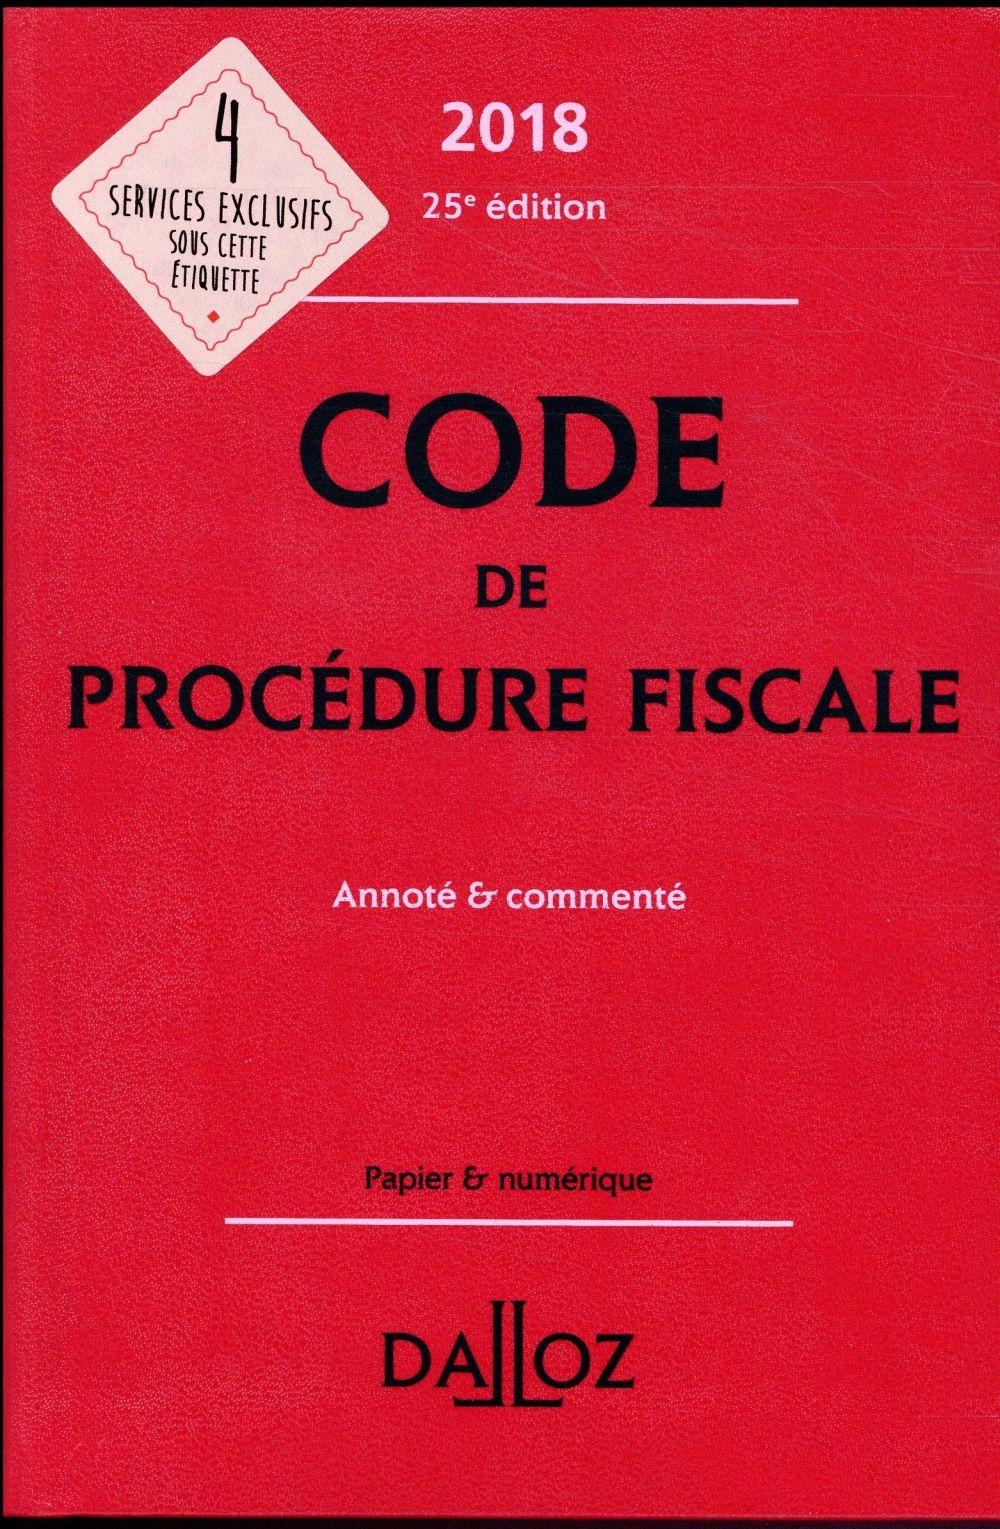 Code de procédure fiscale annoté et commenté (édition 2018)